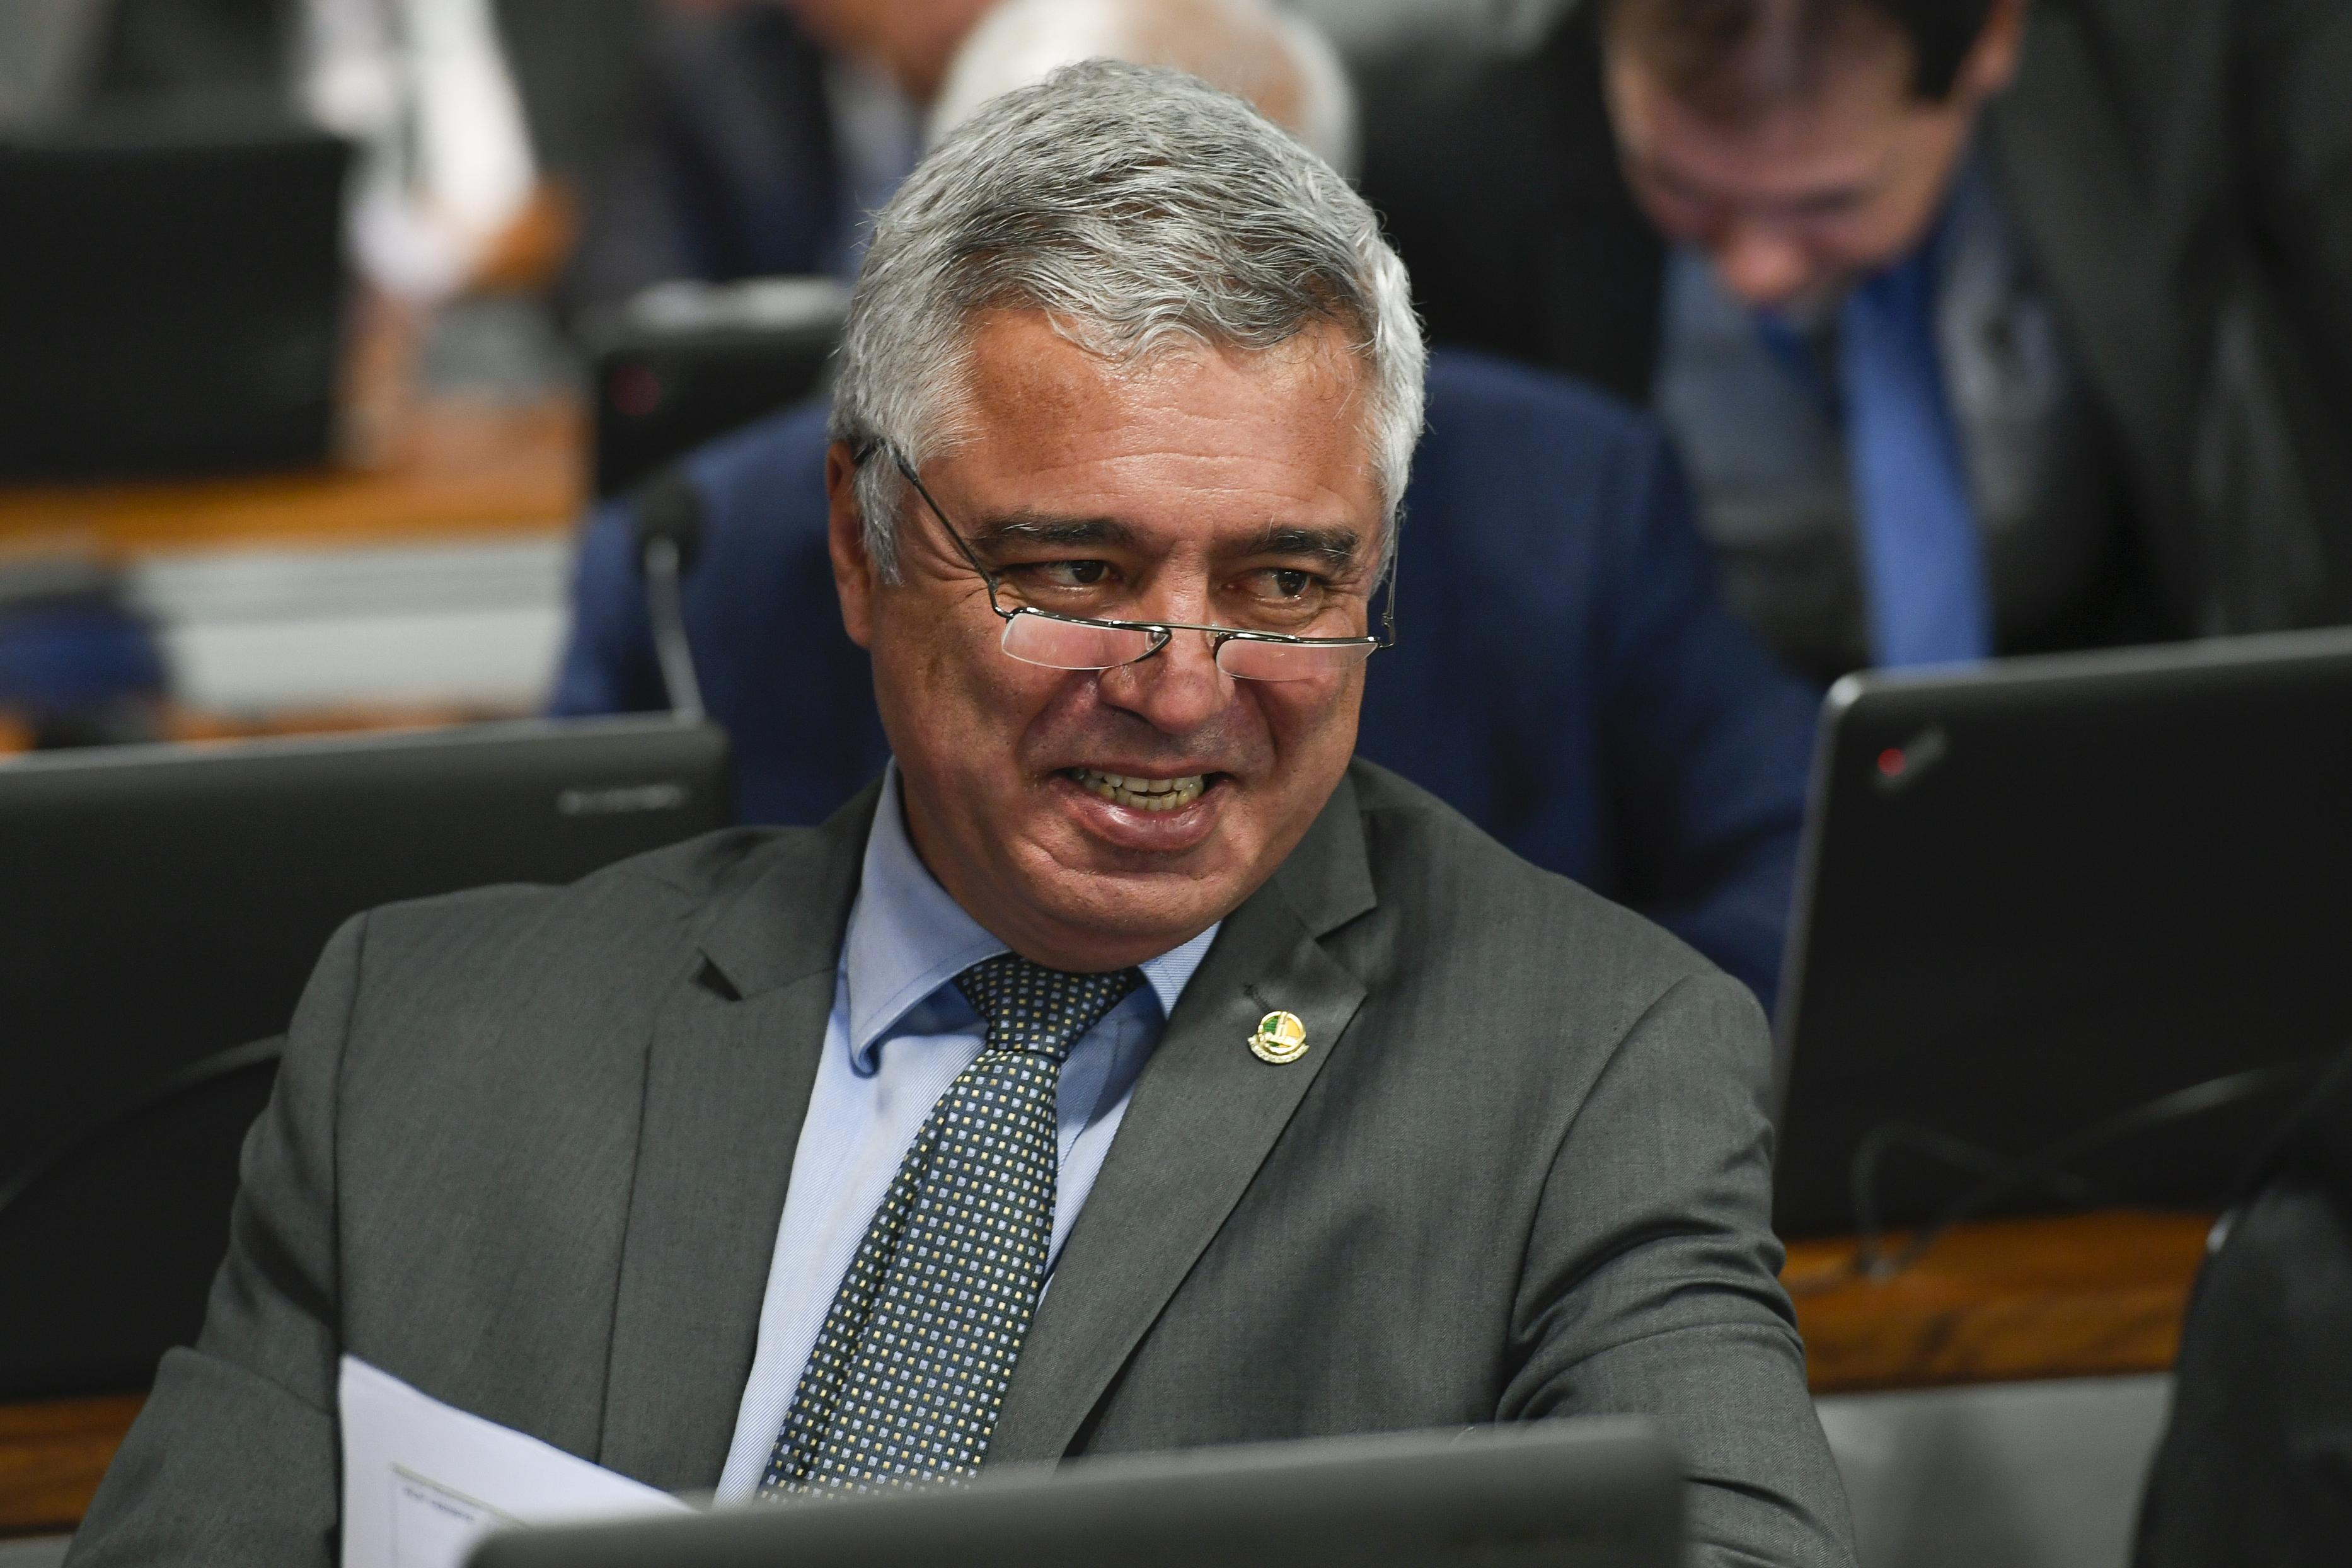 IMAGEM: Senador propõe reforma tributária sem criar imposto sobre bens e serviços